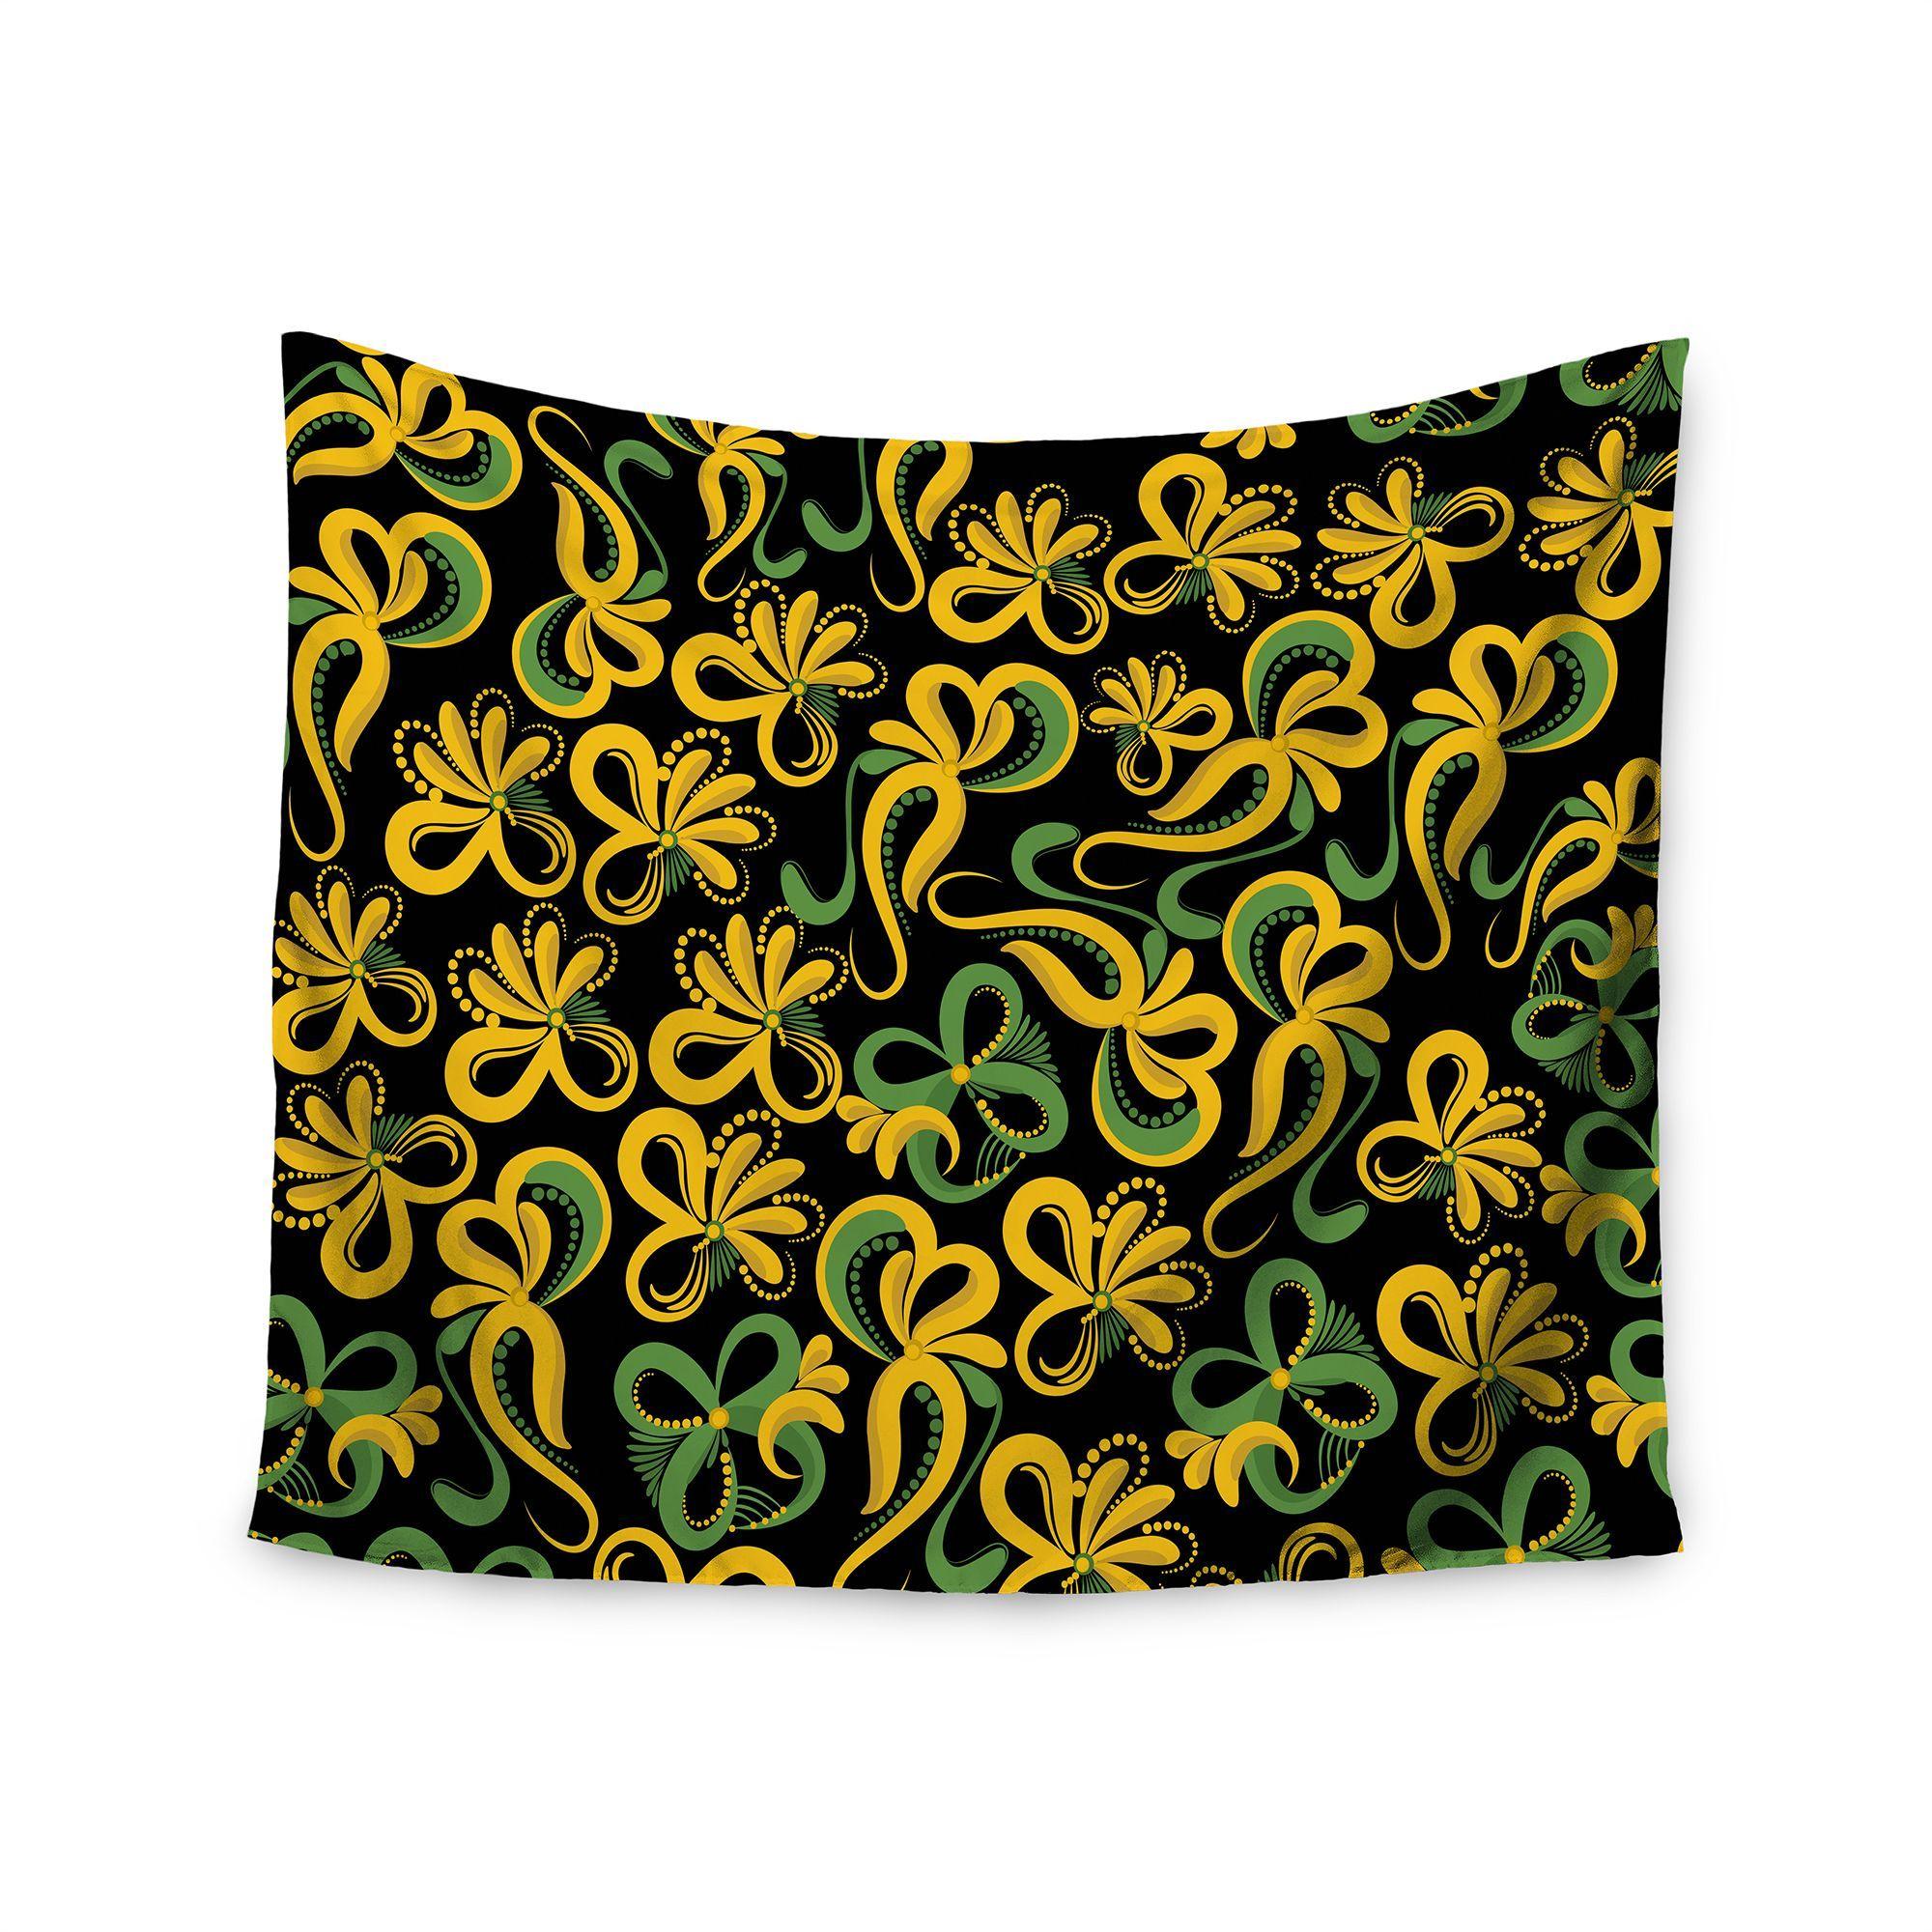 Kess InHouse Maria Bazarova ' Flowers' 51x60-inch Wall Tapestry